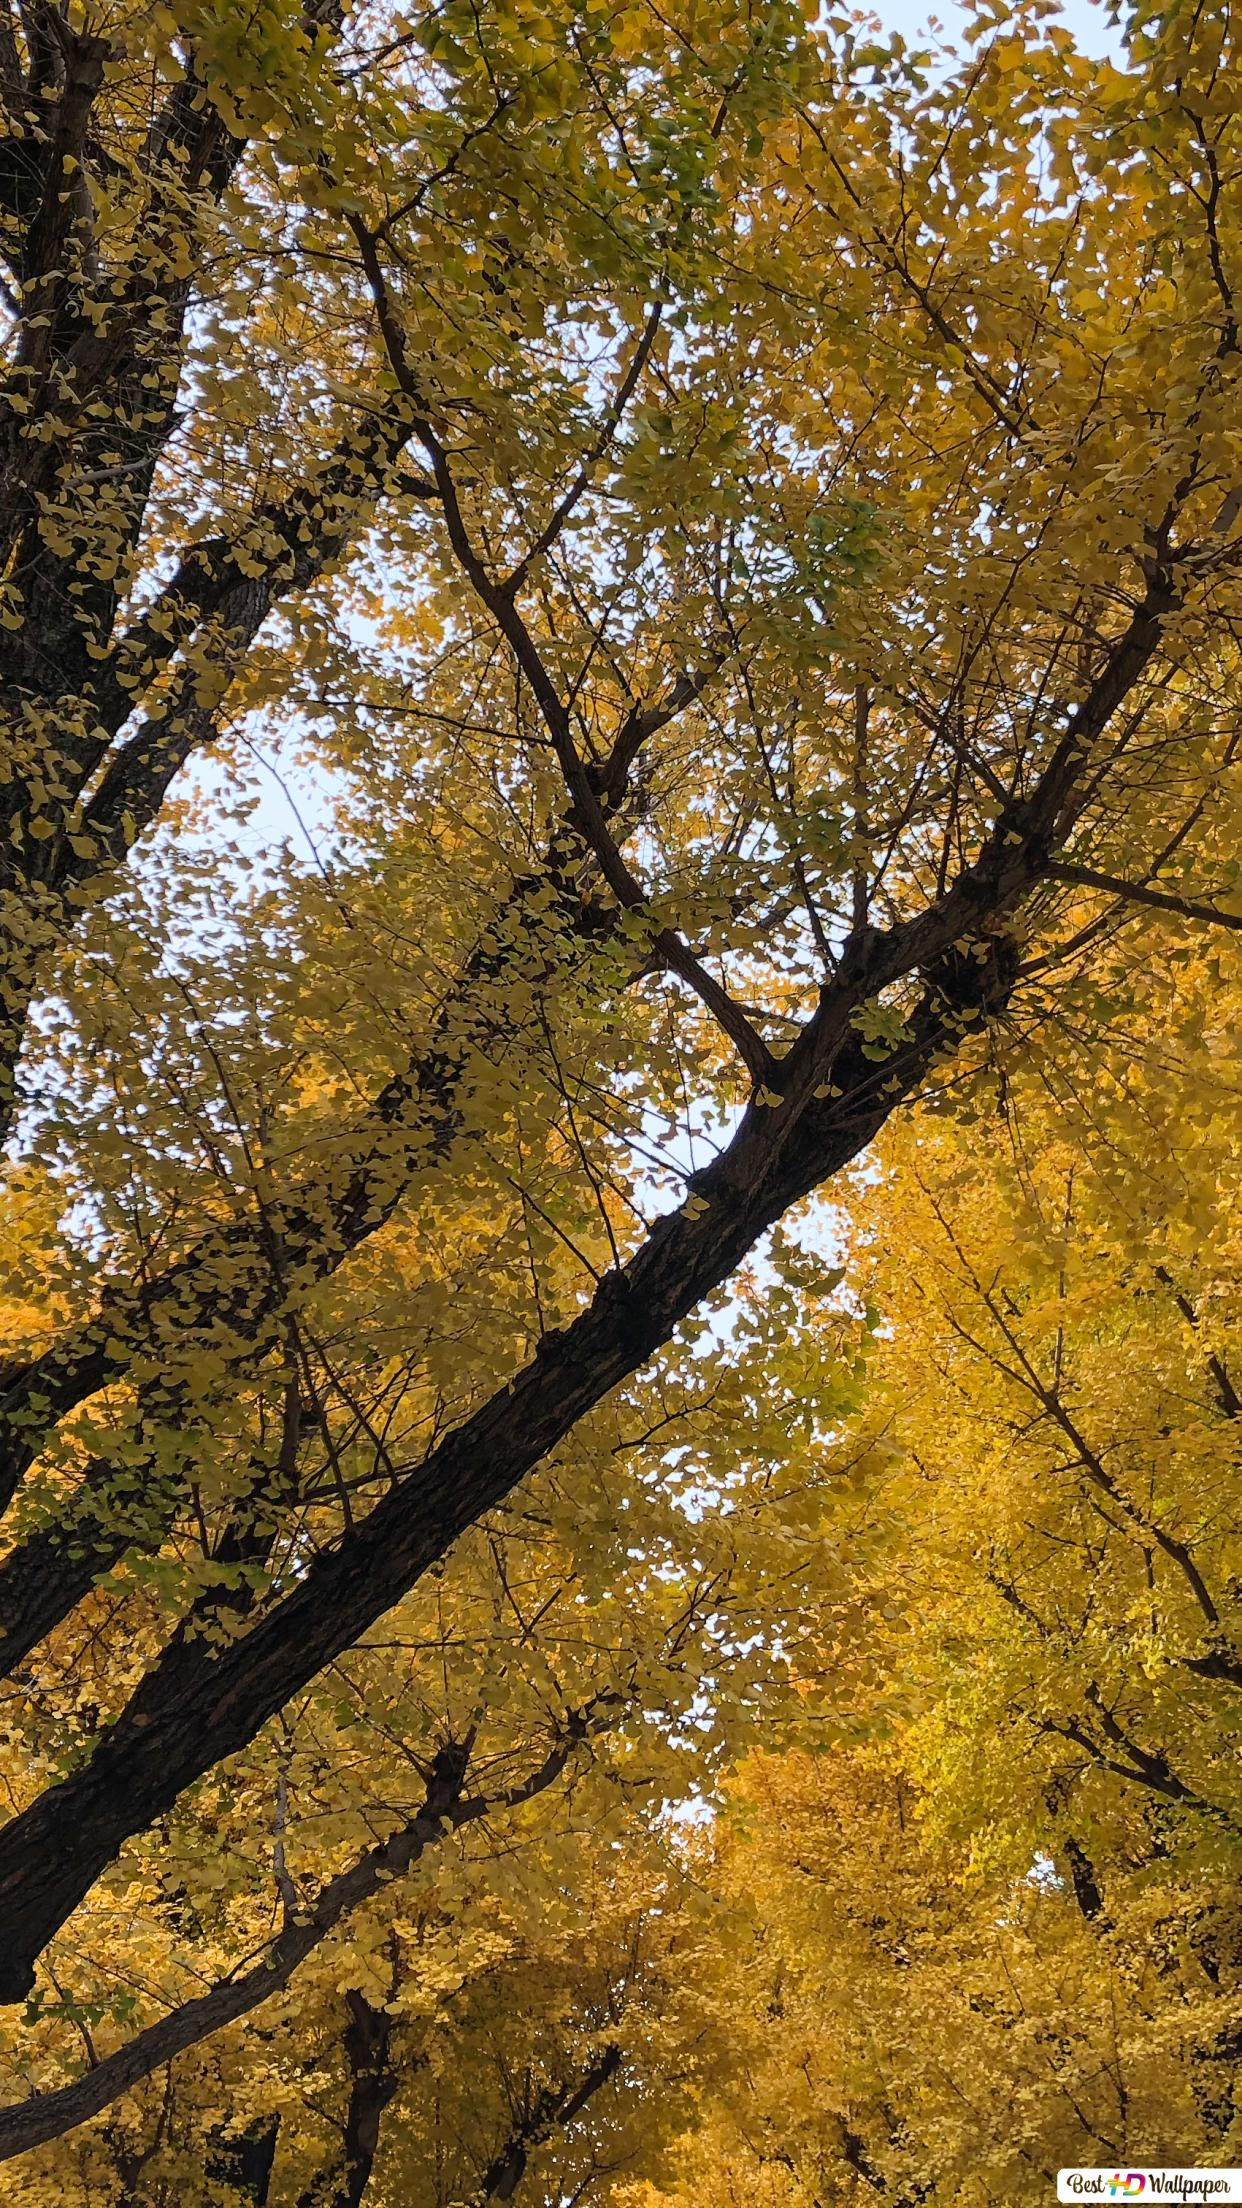 日本の秋 Hd壁紙のダウンロード